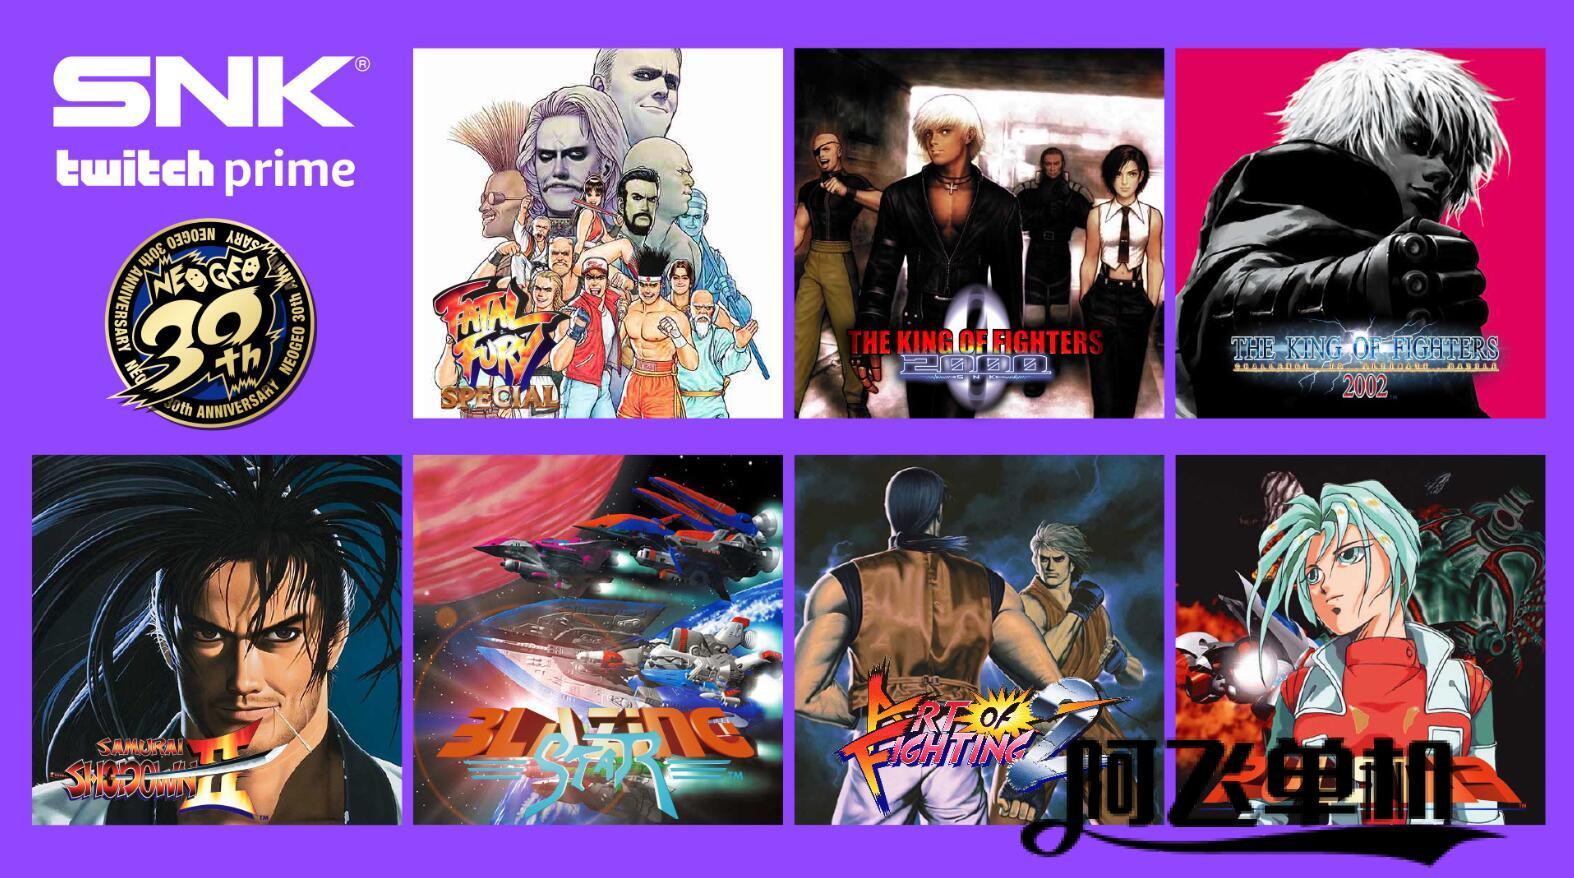 纪念「NEOGEO30 週年Twitch Prime 可限时免费游玩《饿狼传说 SPECIAL》等游戏